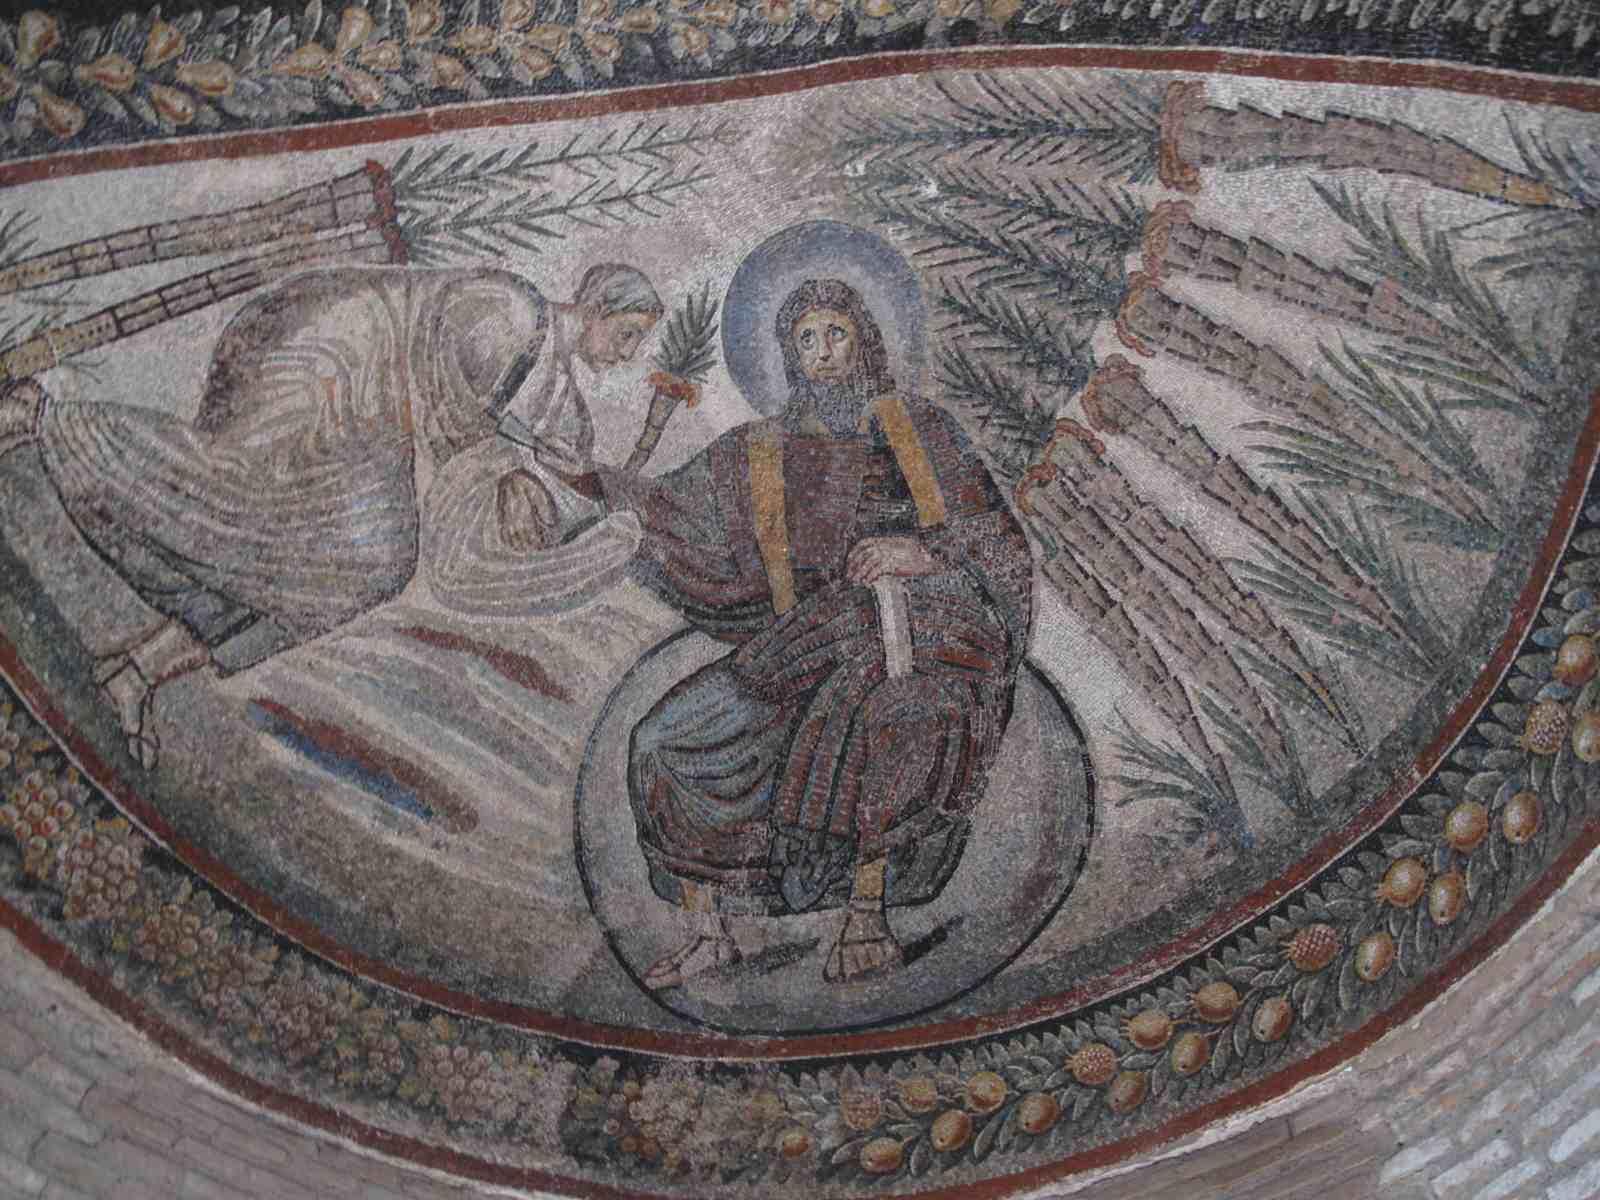 mosaïque 4ème siècle dans la voûte d'un mausolée construit sous Constantin le Grand pour sa fille Constantina (Costanza), mort en 354 après JC.